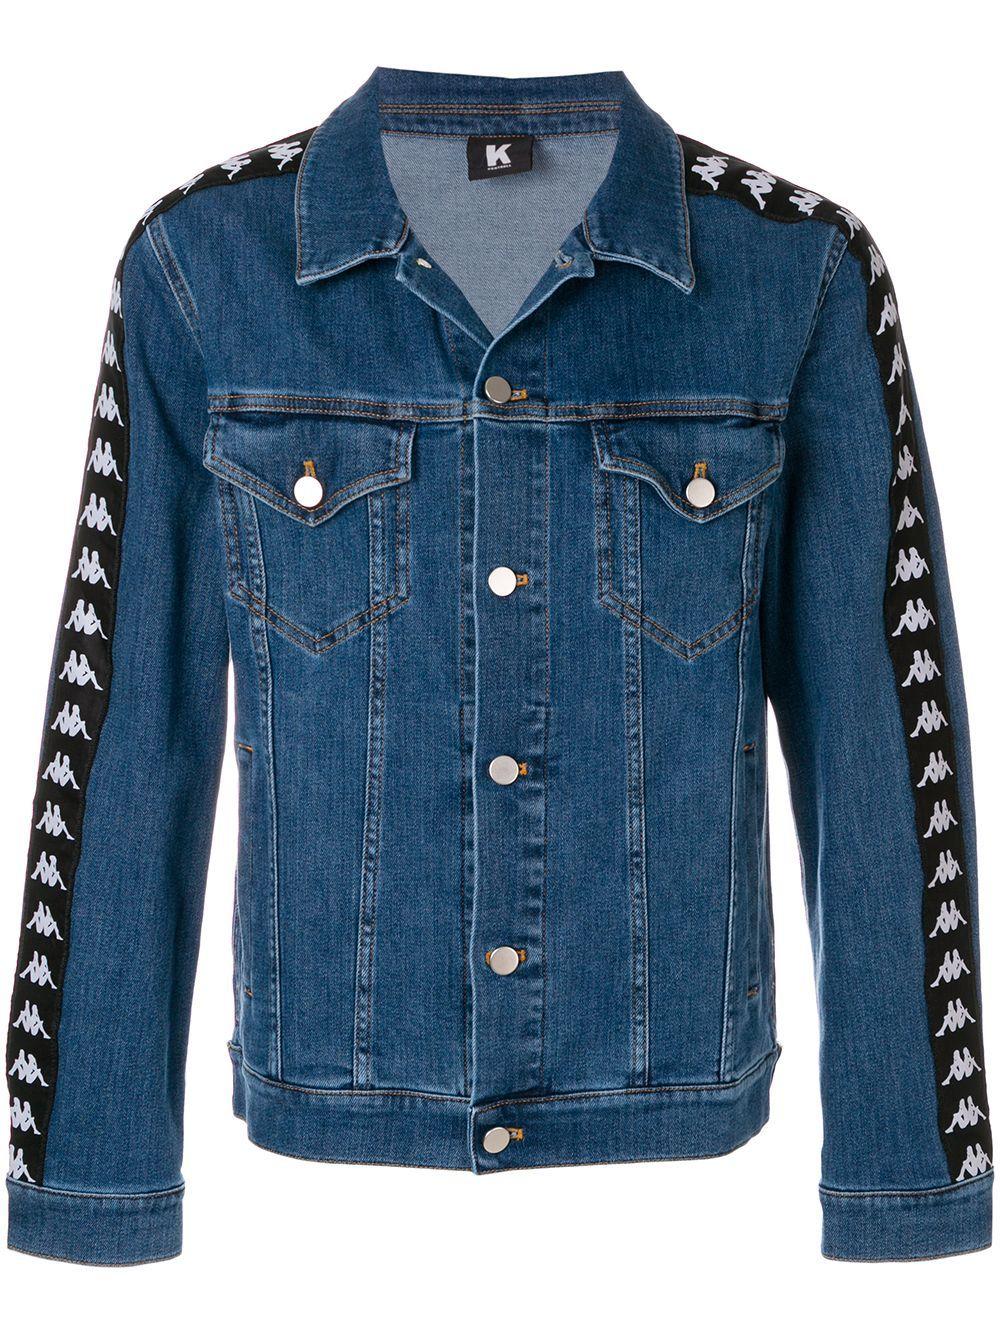 Kappa Kontroll Kontroll Denim Jacket Farfetch [ 1334 x 1000 Pixel ]